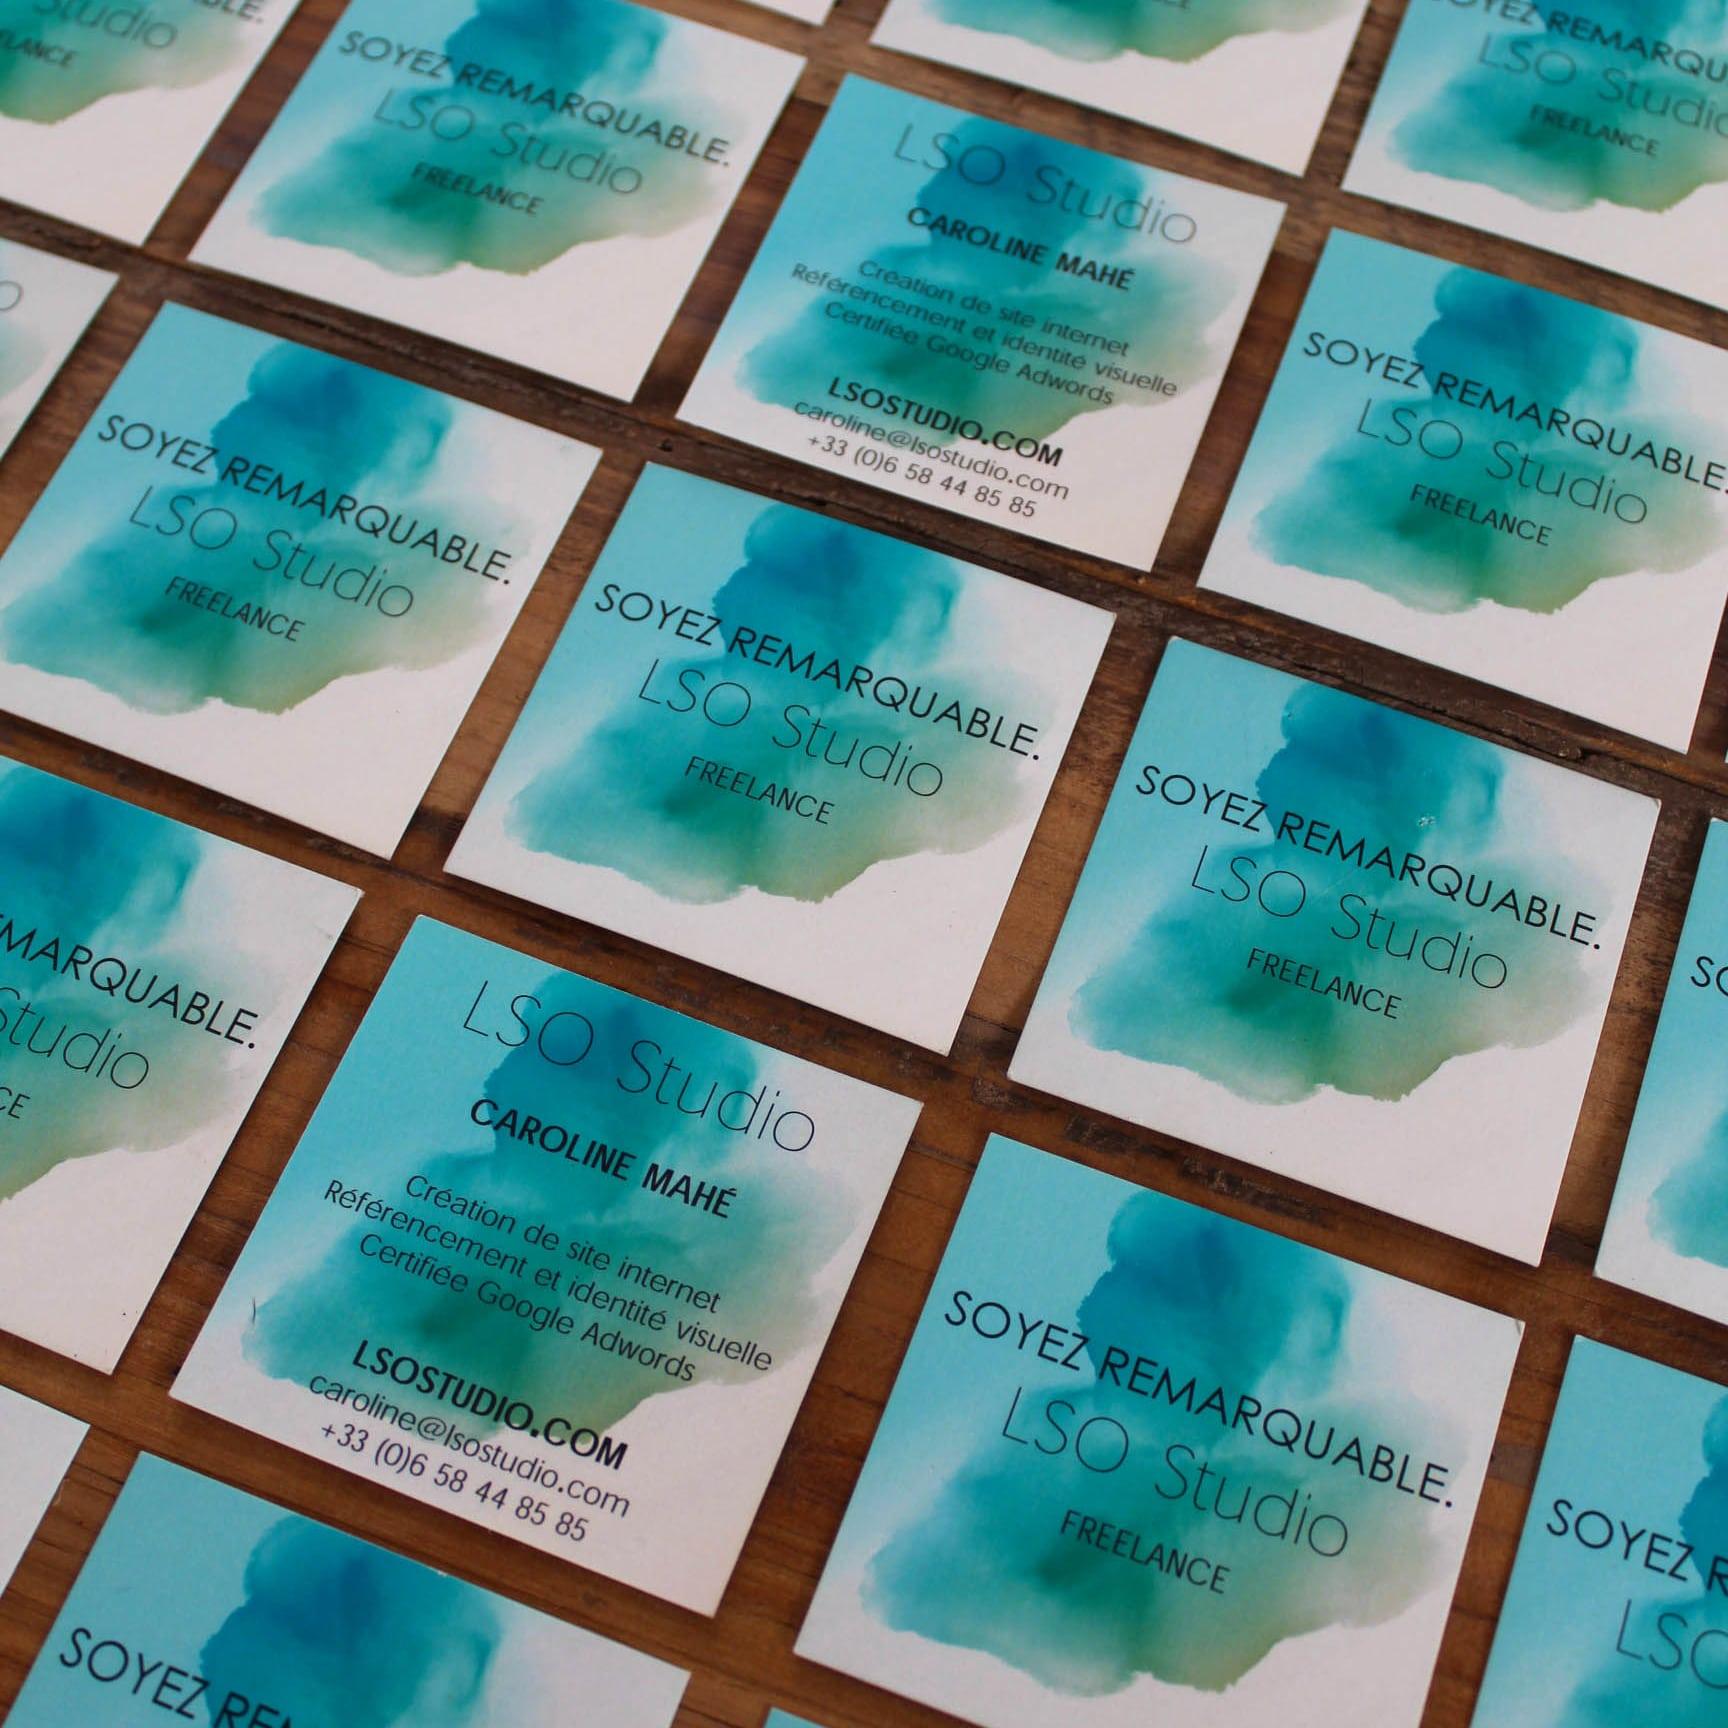 création graphique vendée, vos cartes de visite par LSO Studio